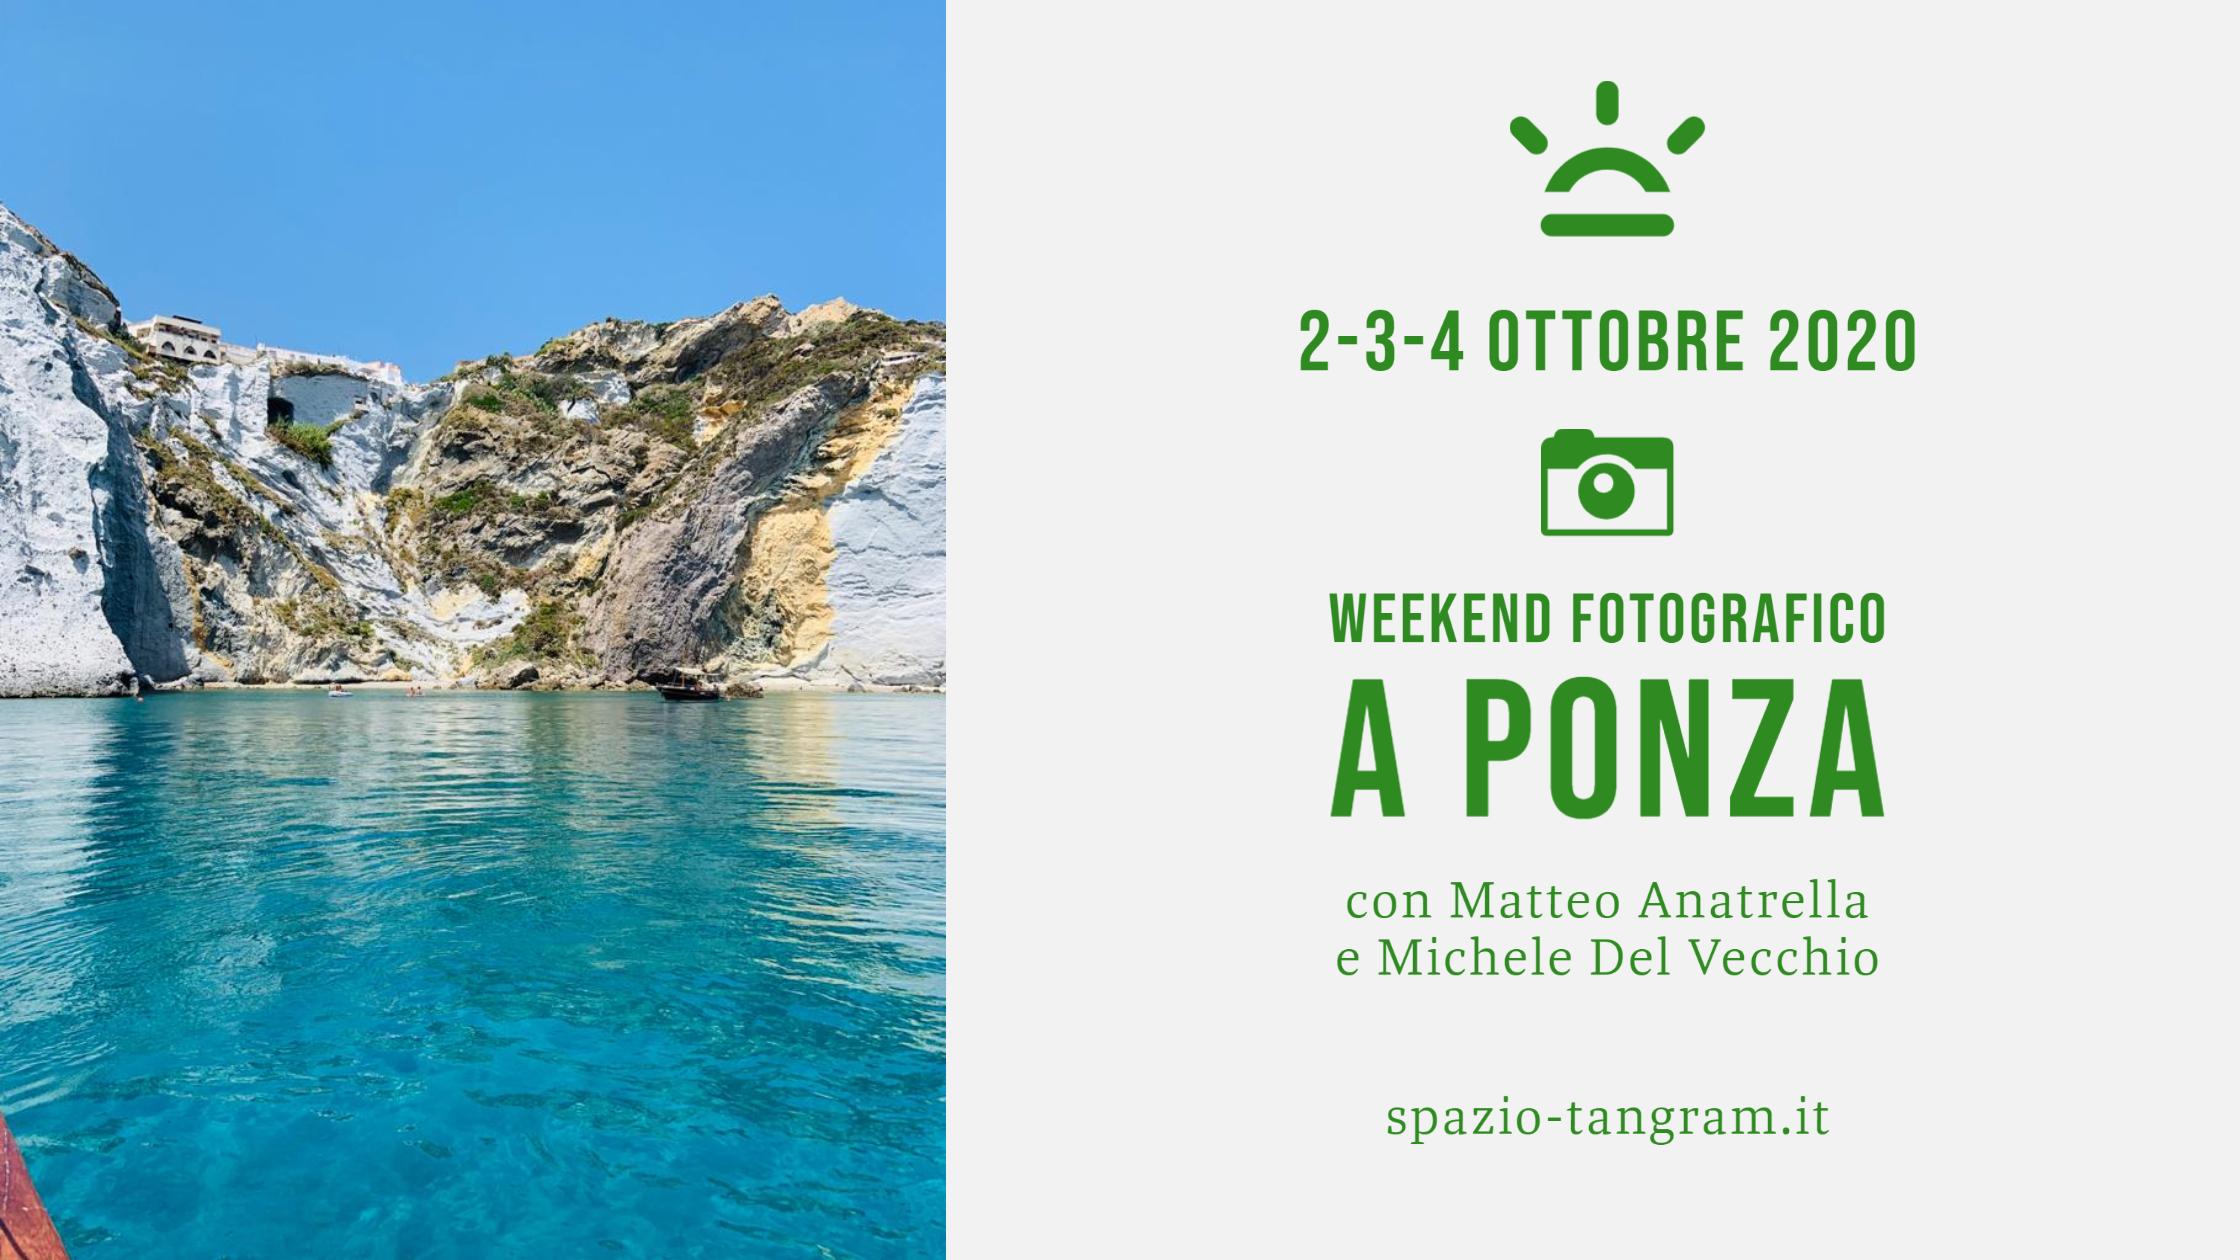 Weekend fotografico a Ponza